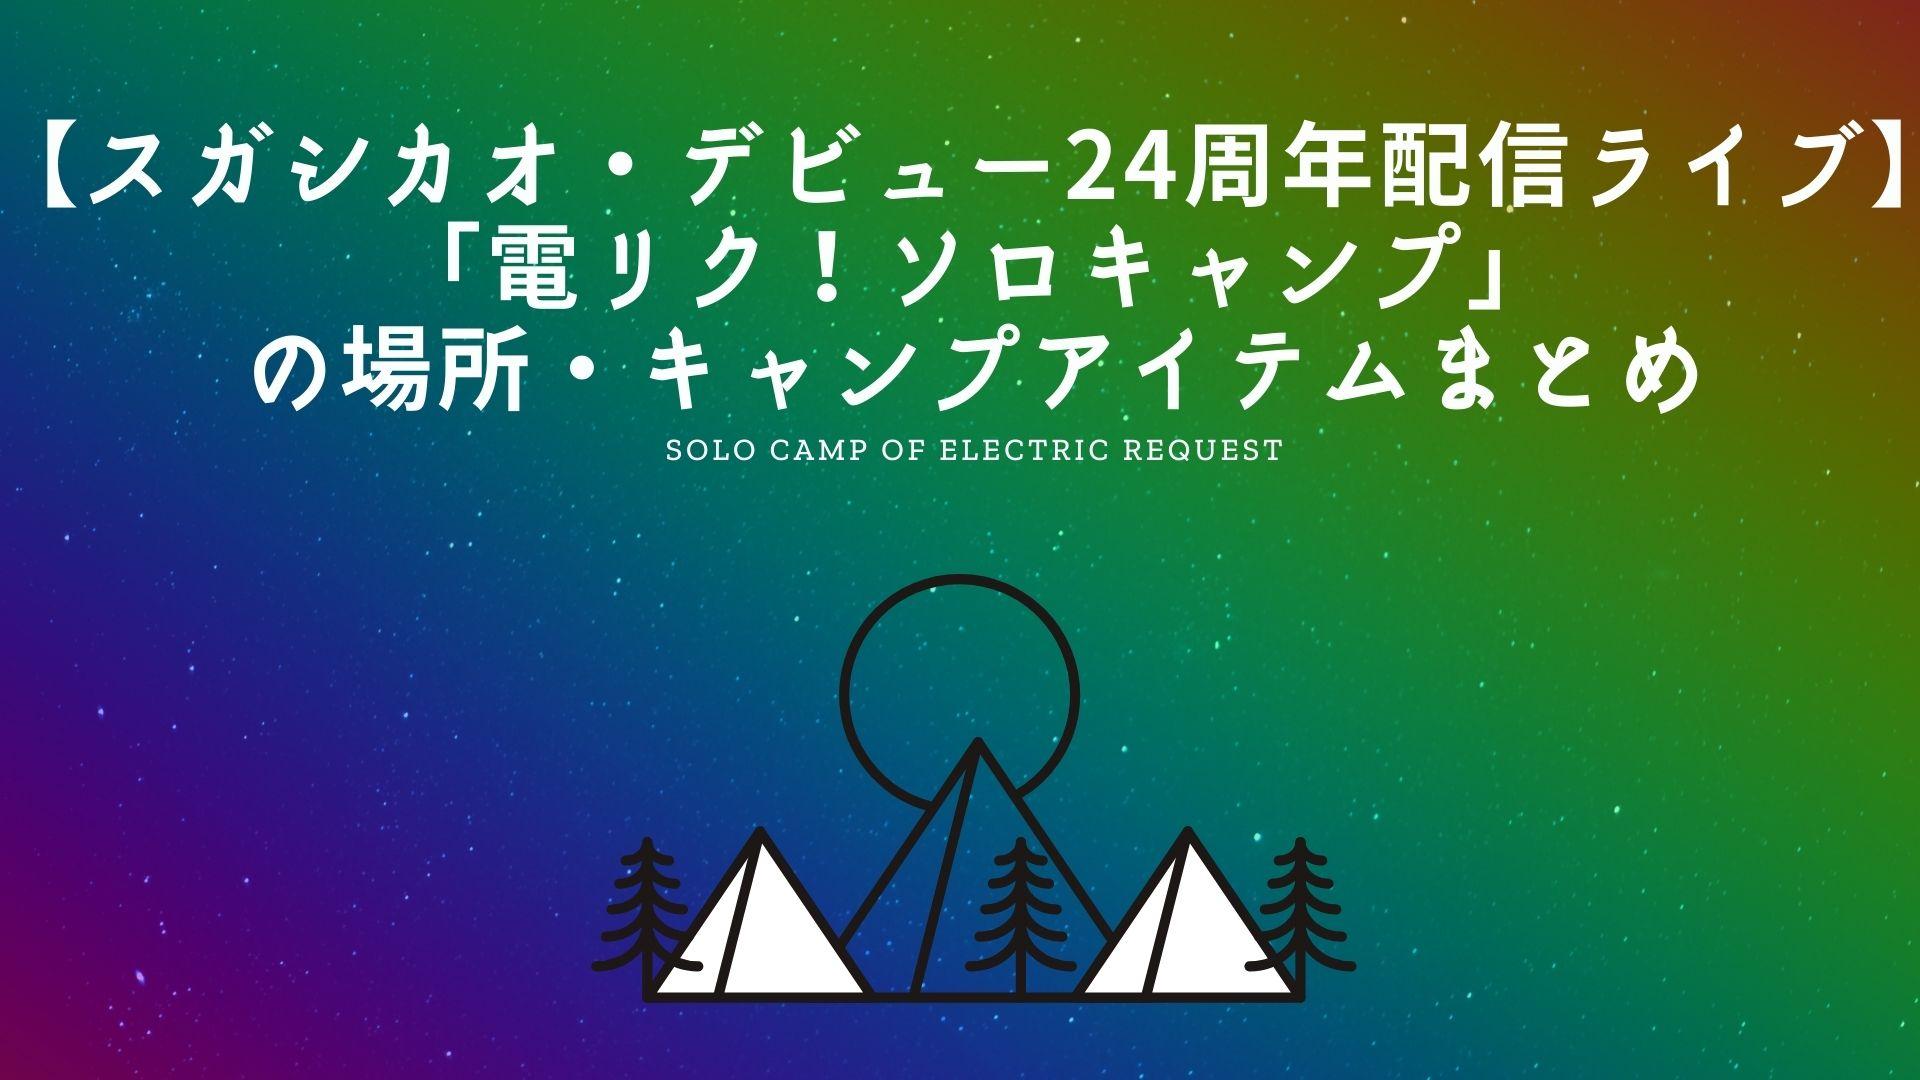 【スガシカオ・デビュー24周年配信ライブ】「電リク!ソロキャンプ」の場所・キャンプアイテムまとめ